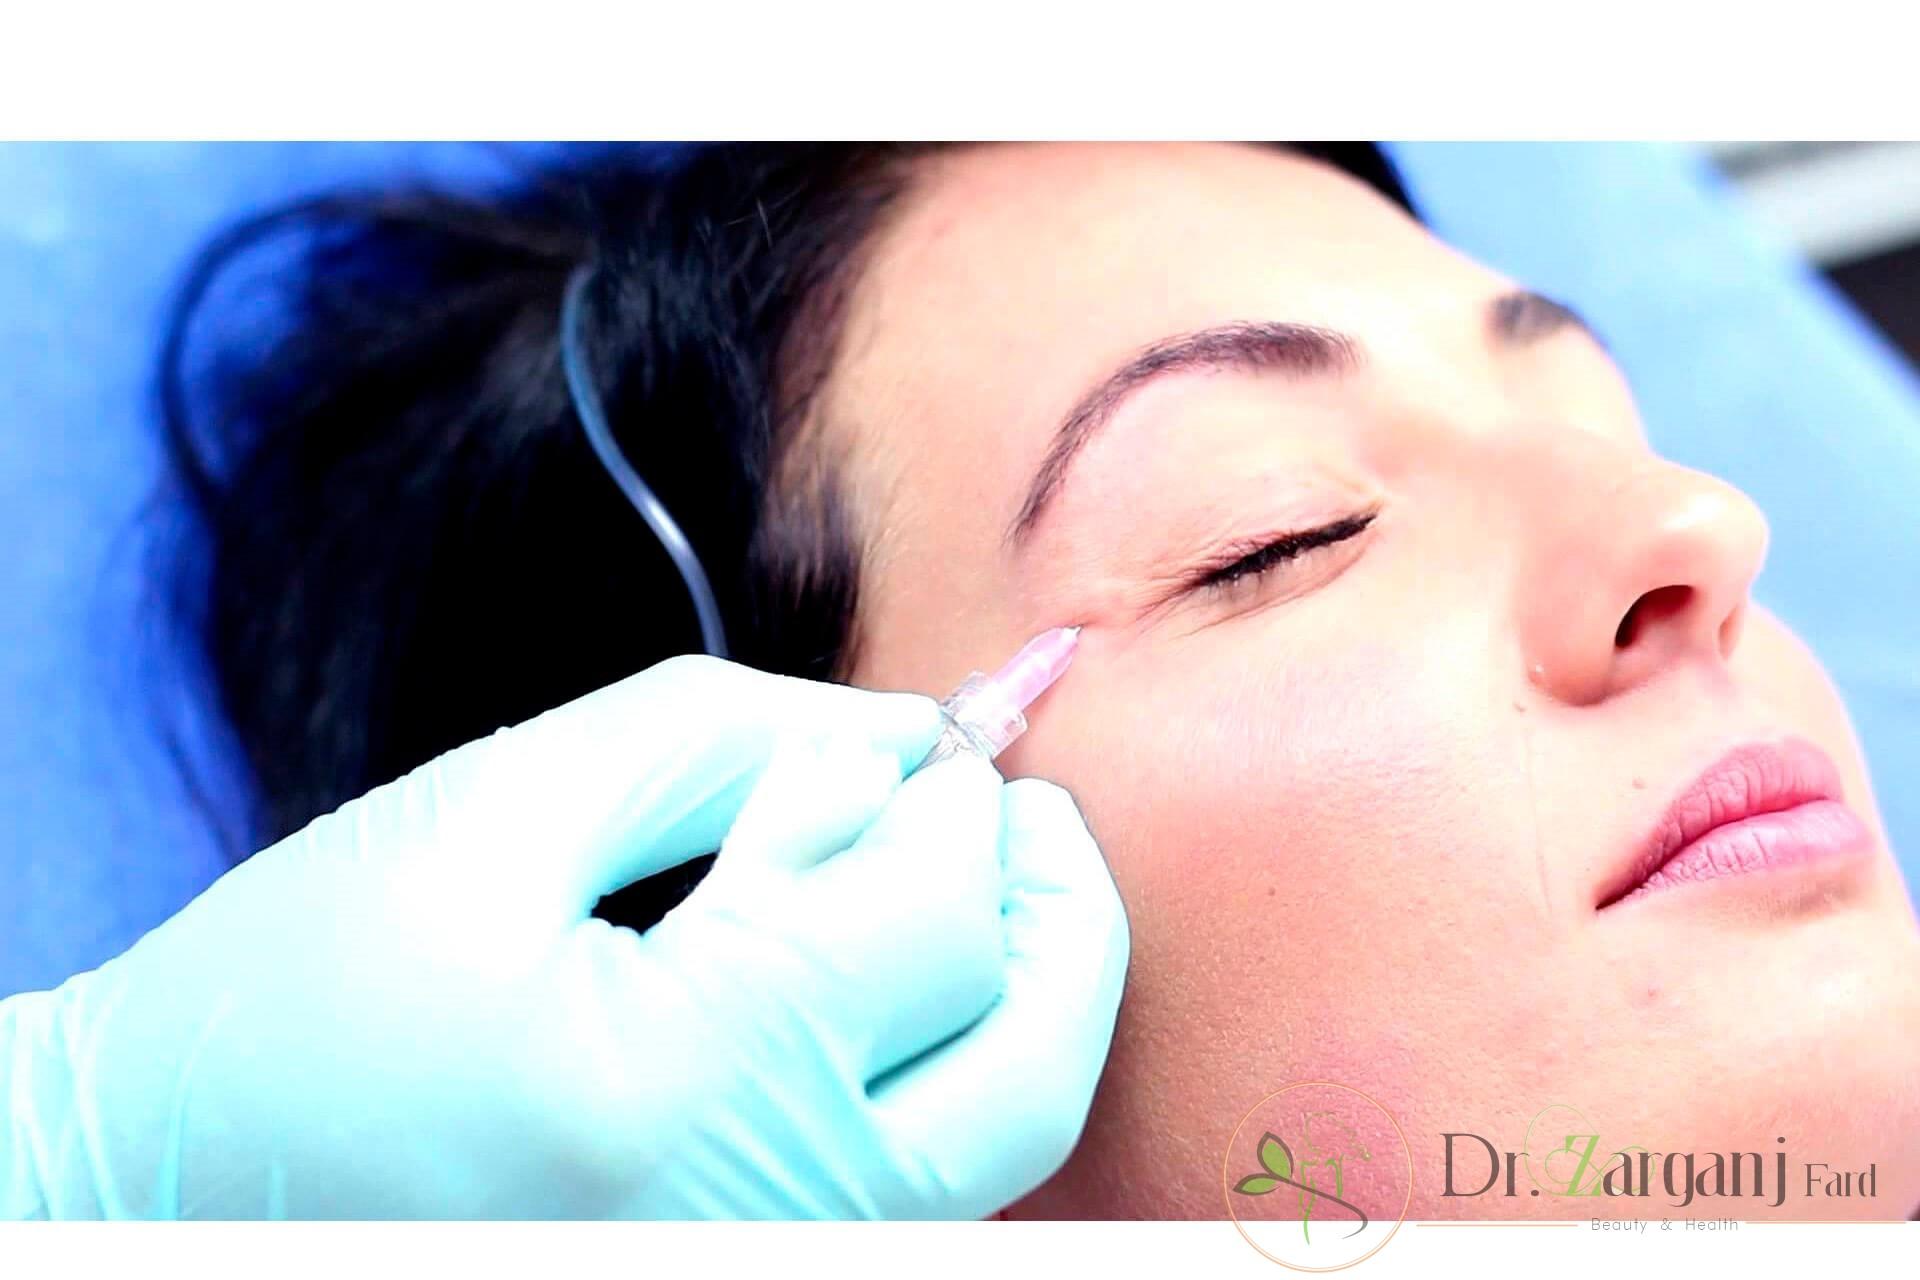 آیا روش کربوکسی تراپی زیر چشم در بیماران درد دارد؟